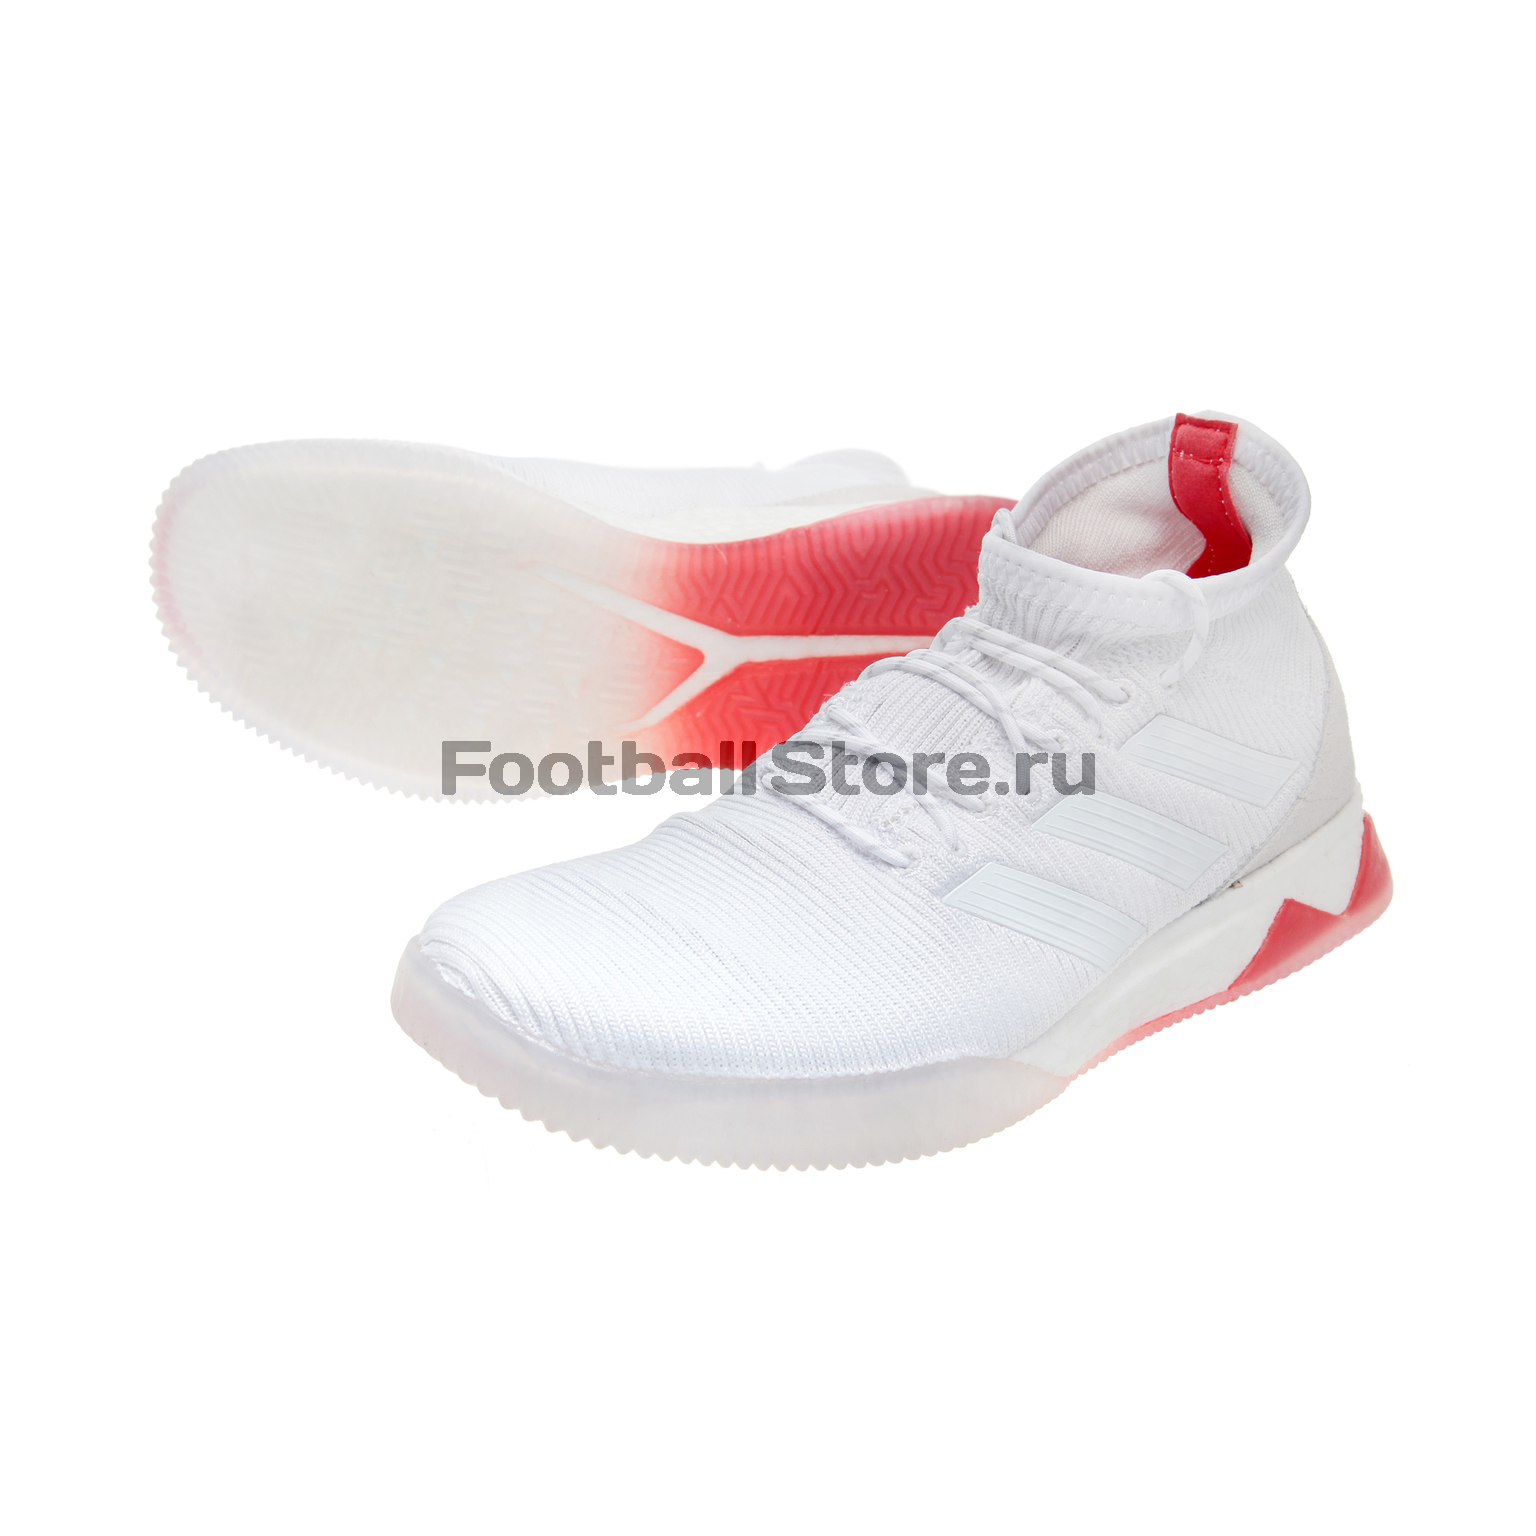 Футбольная обувь Adidas Predator Tango 18.1 TR CM7700